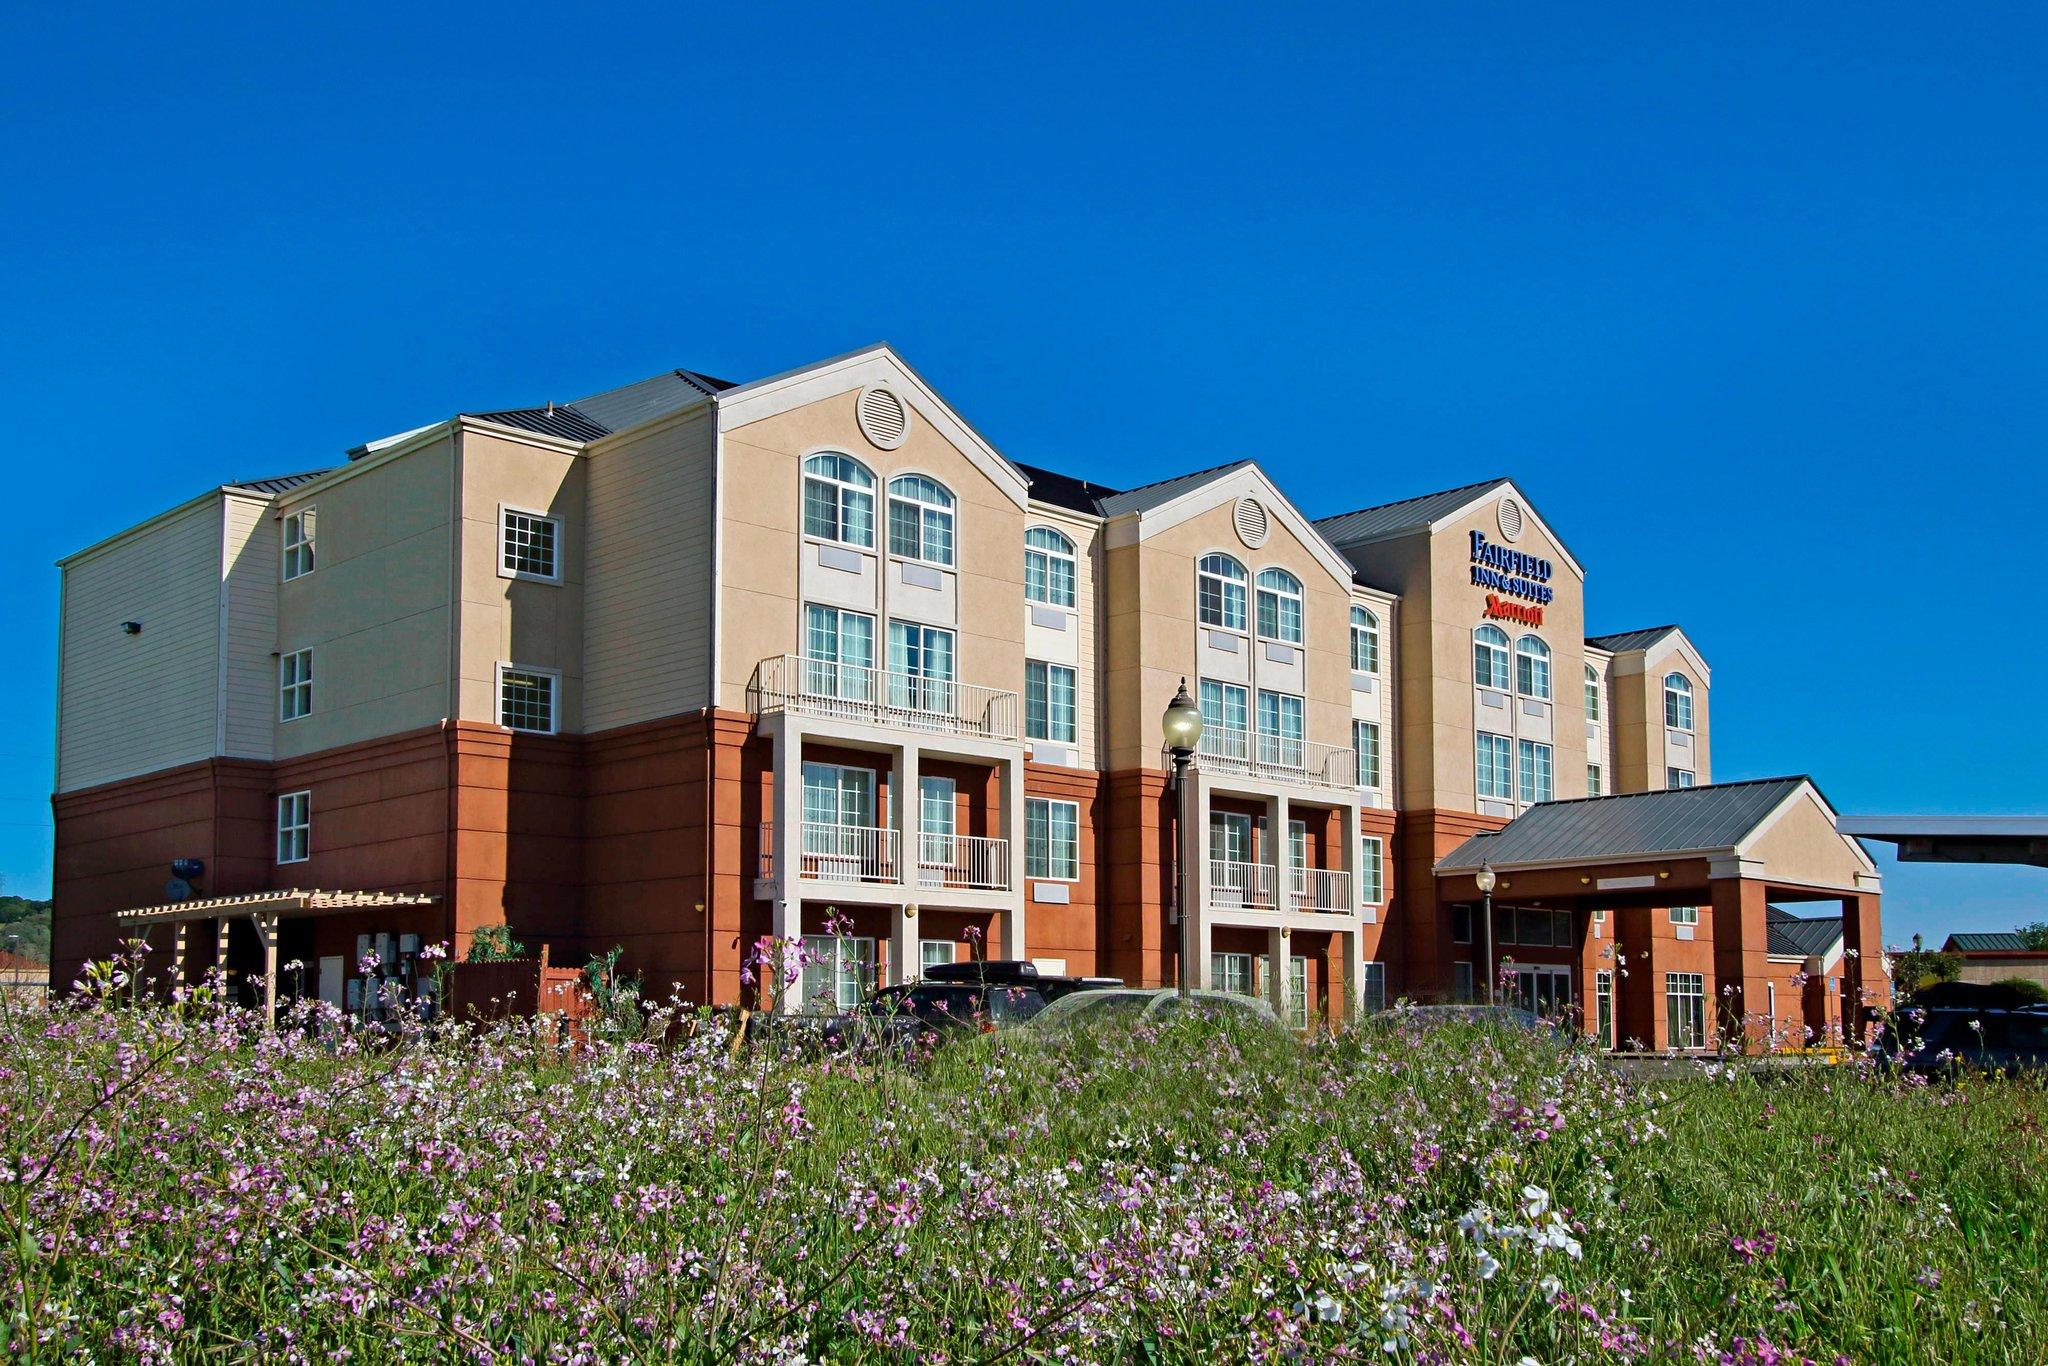 Fairfield Inn & Suites Napa Valley